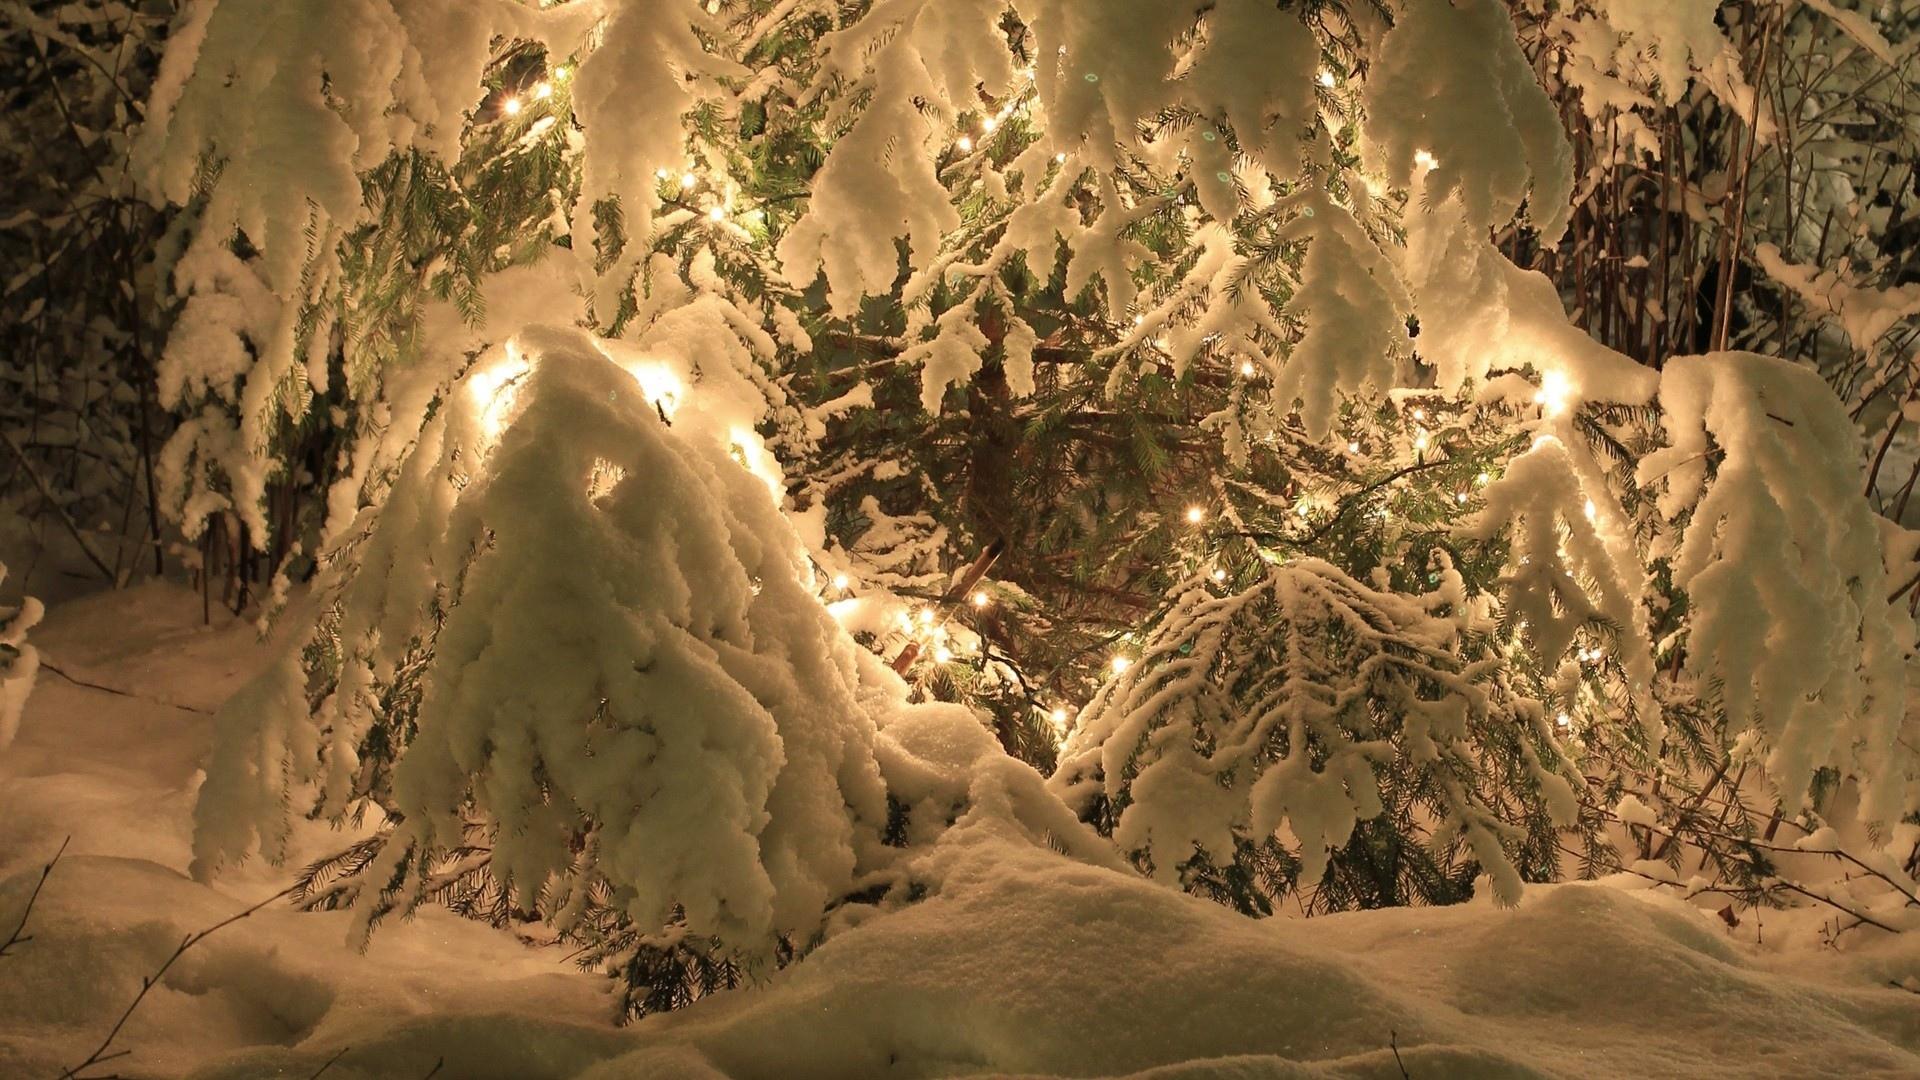 предпочтительны красивые картинки новый год зима обои слова